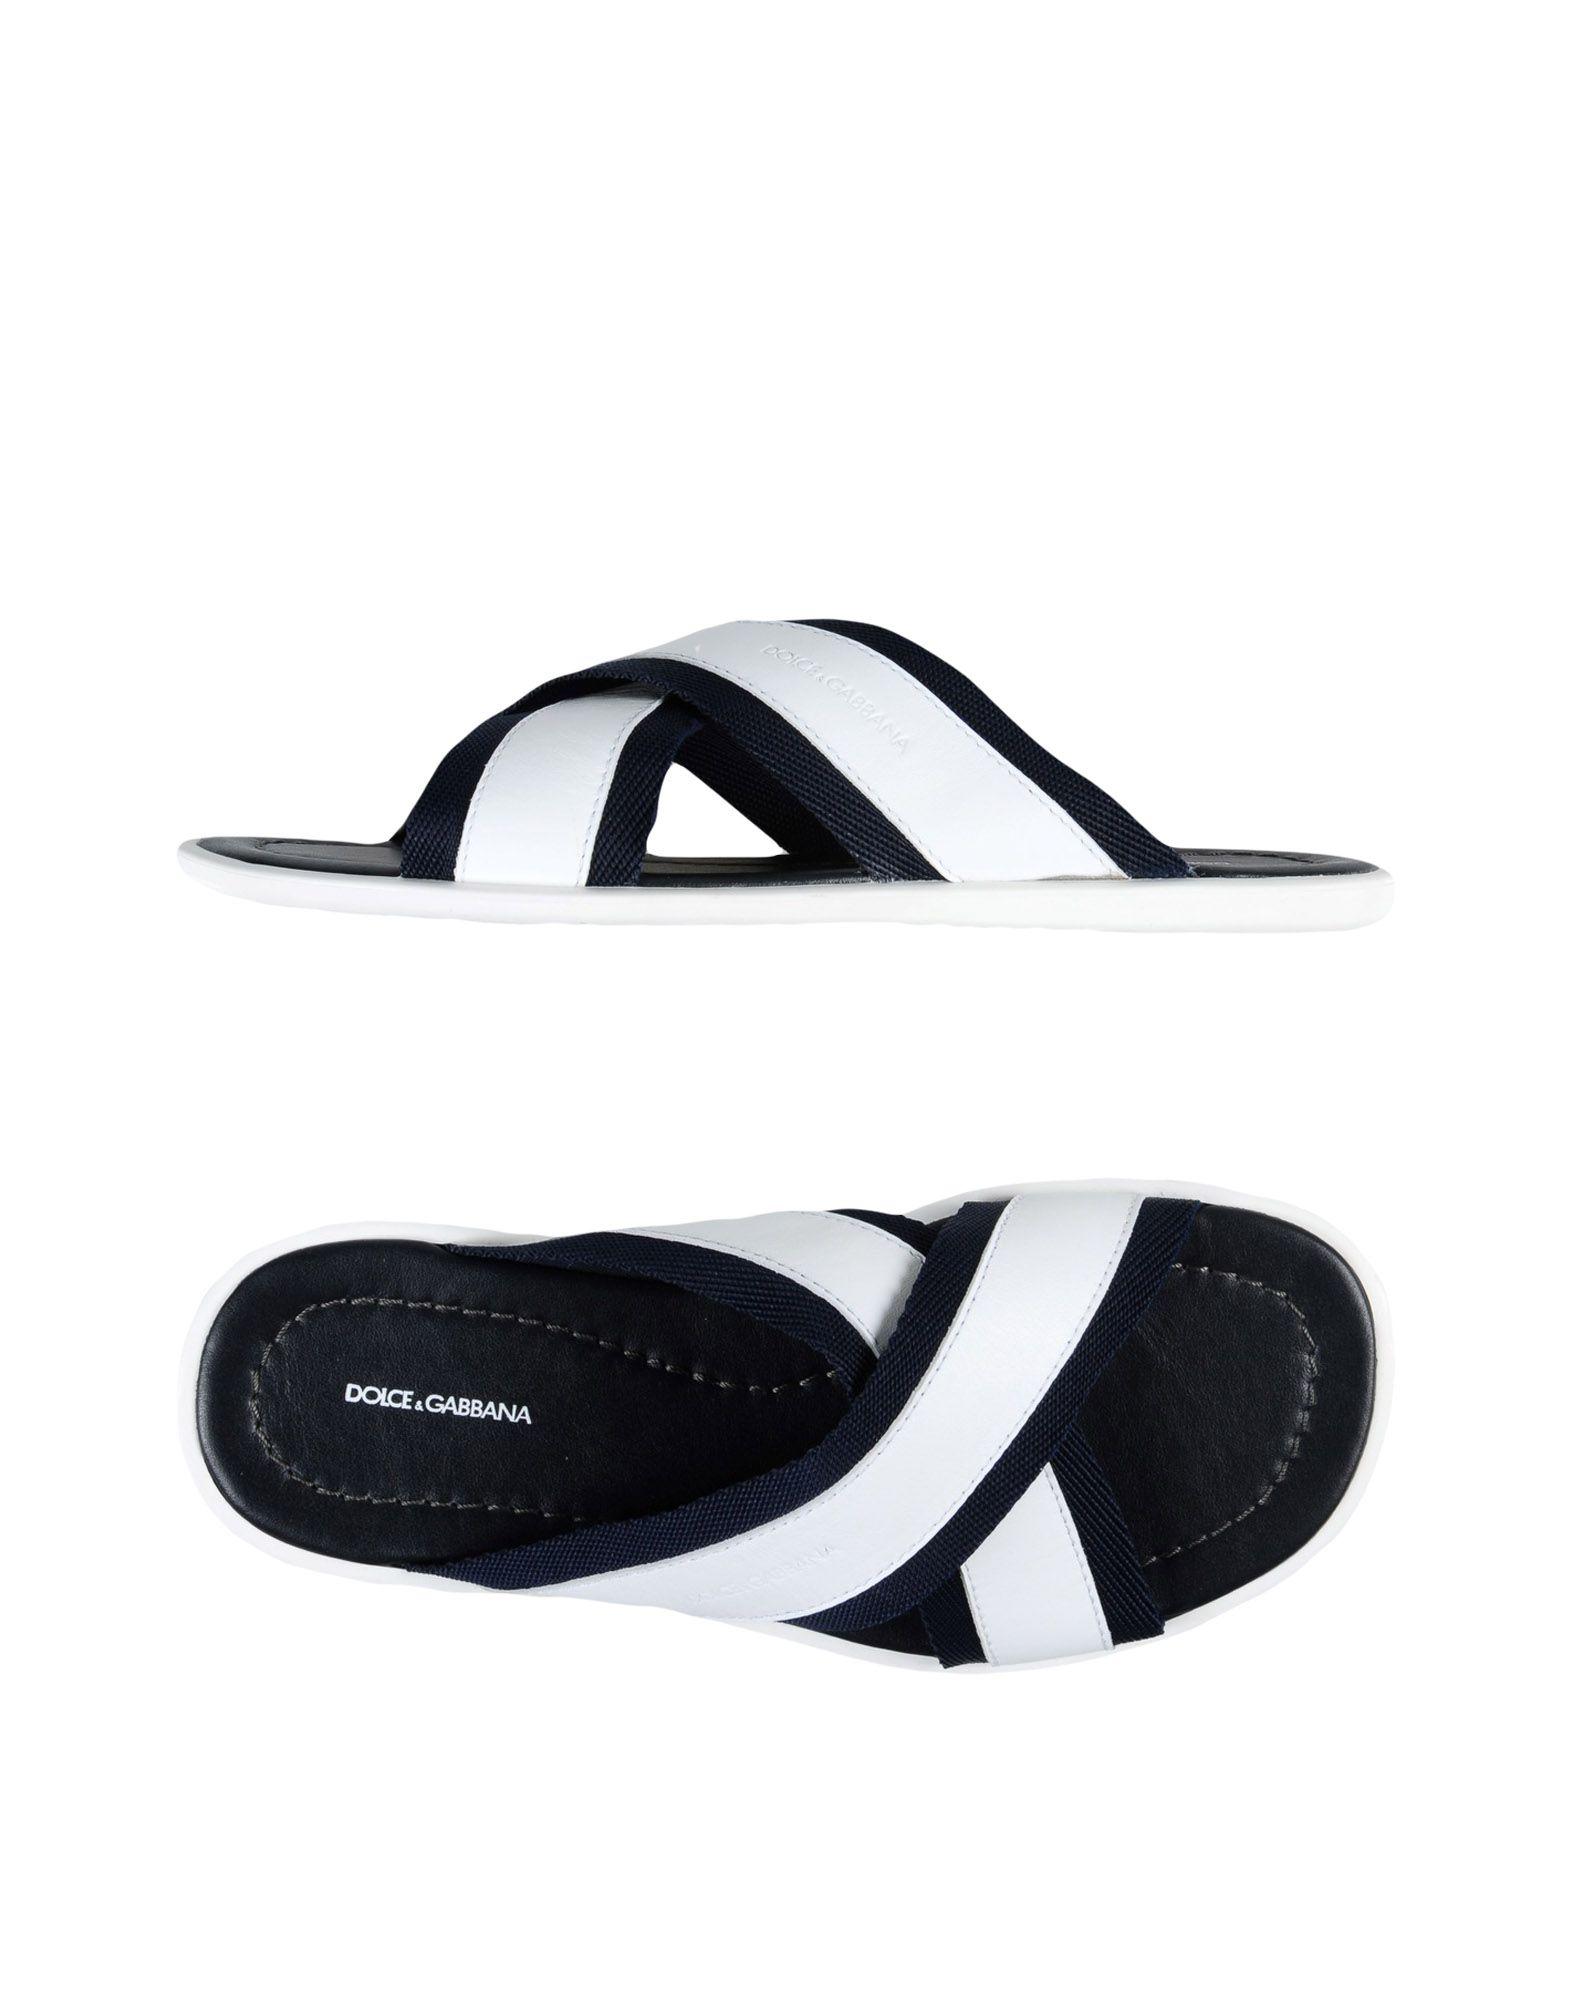 Dolce & Gabbana Sandalen Herren  11508131KU Gute Qualität beliebte Schuhe